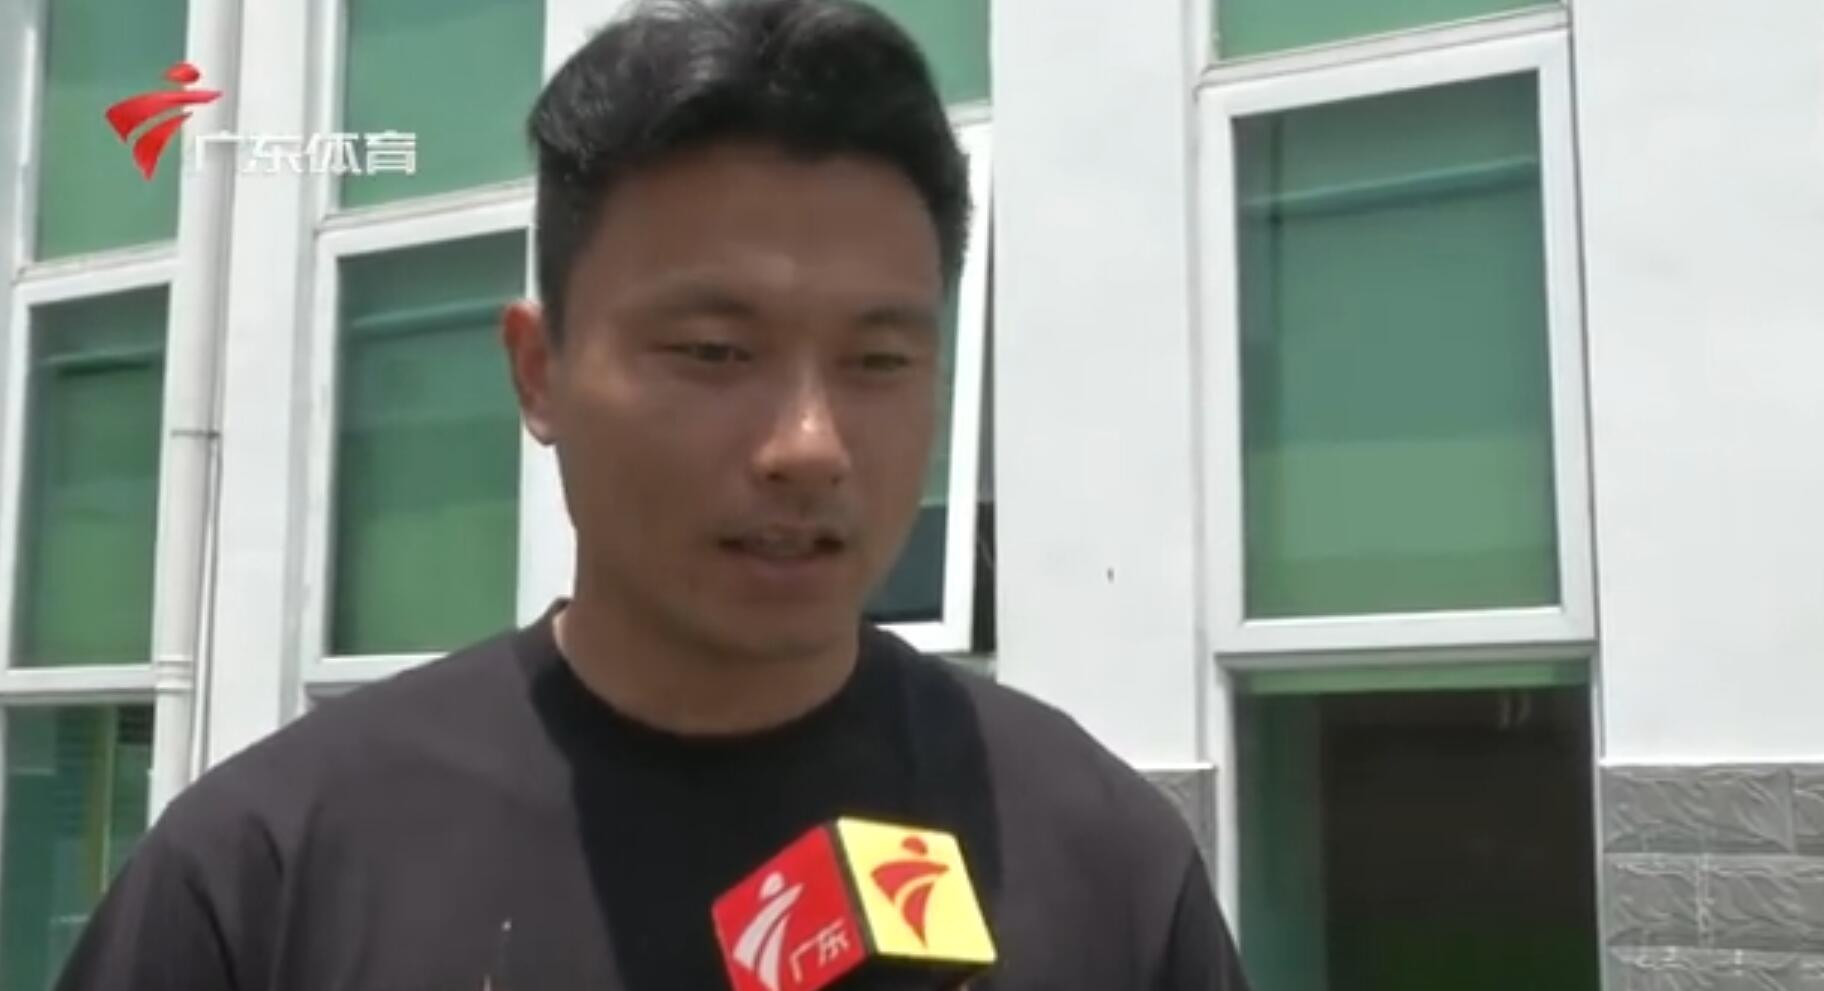 郜林谈于汉超被开除:犯错该受惩罚 希望不会影响他情绪